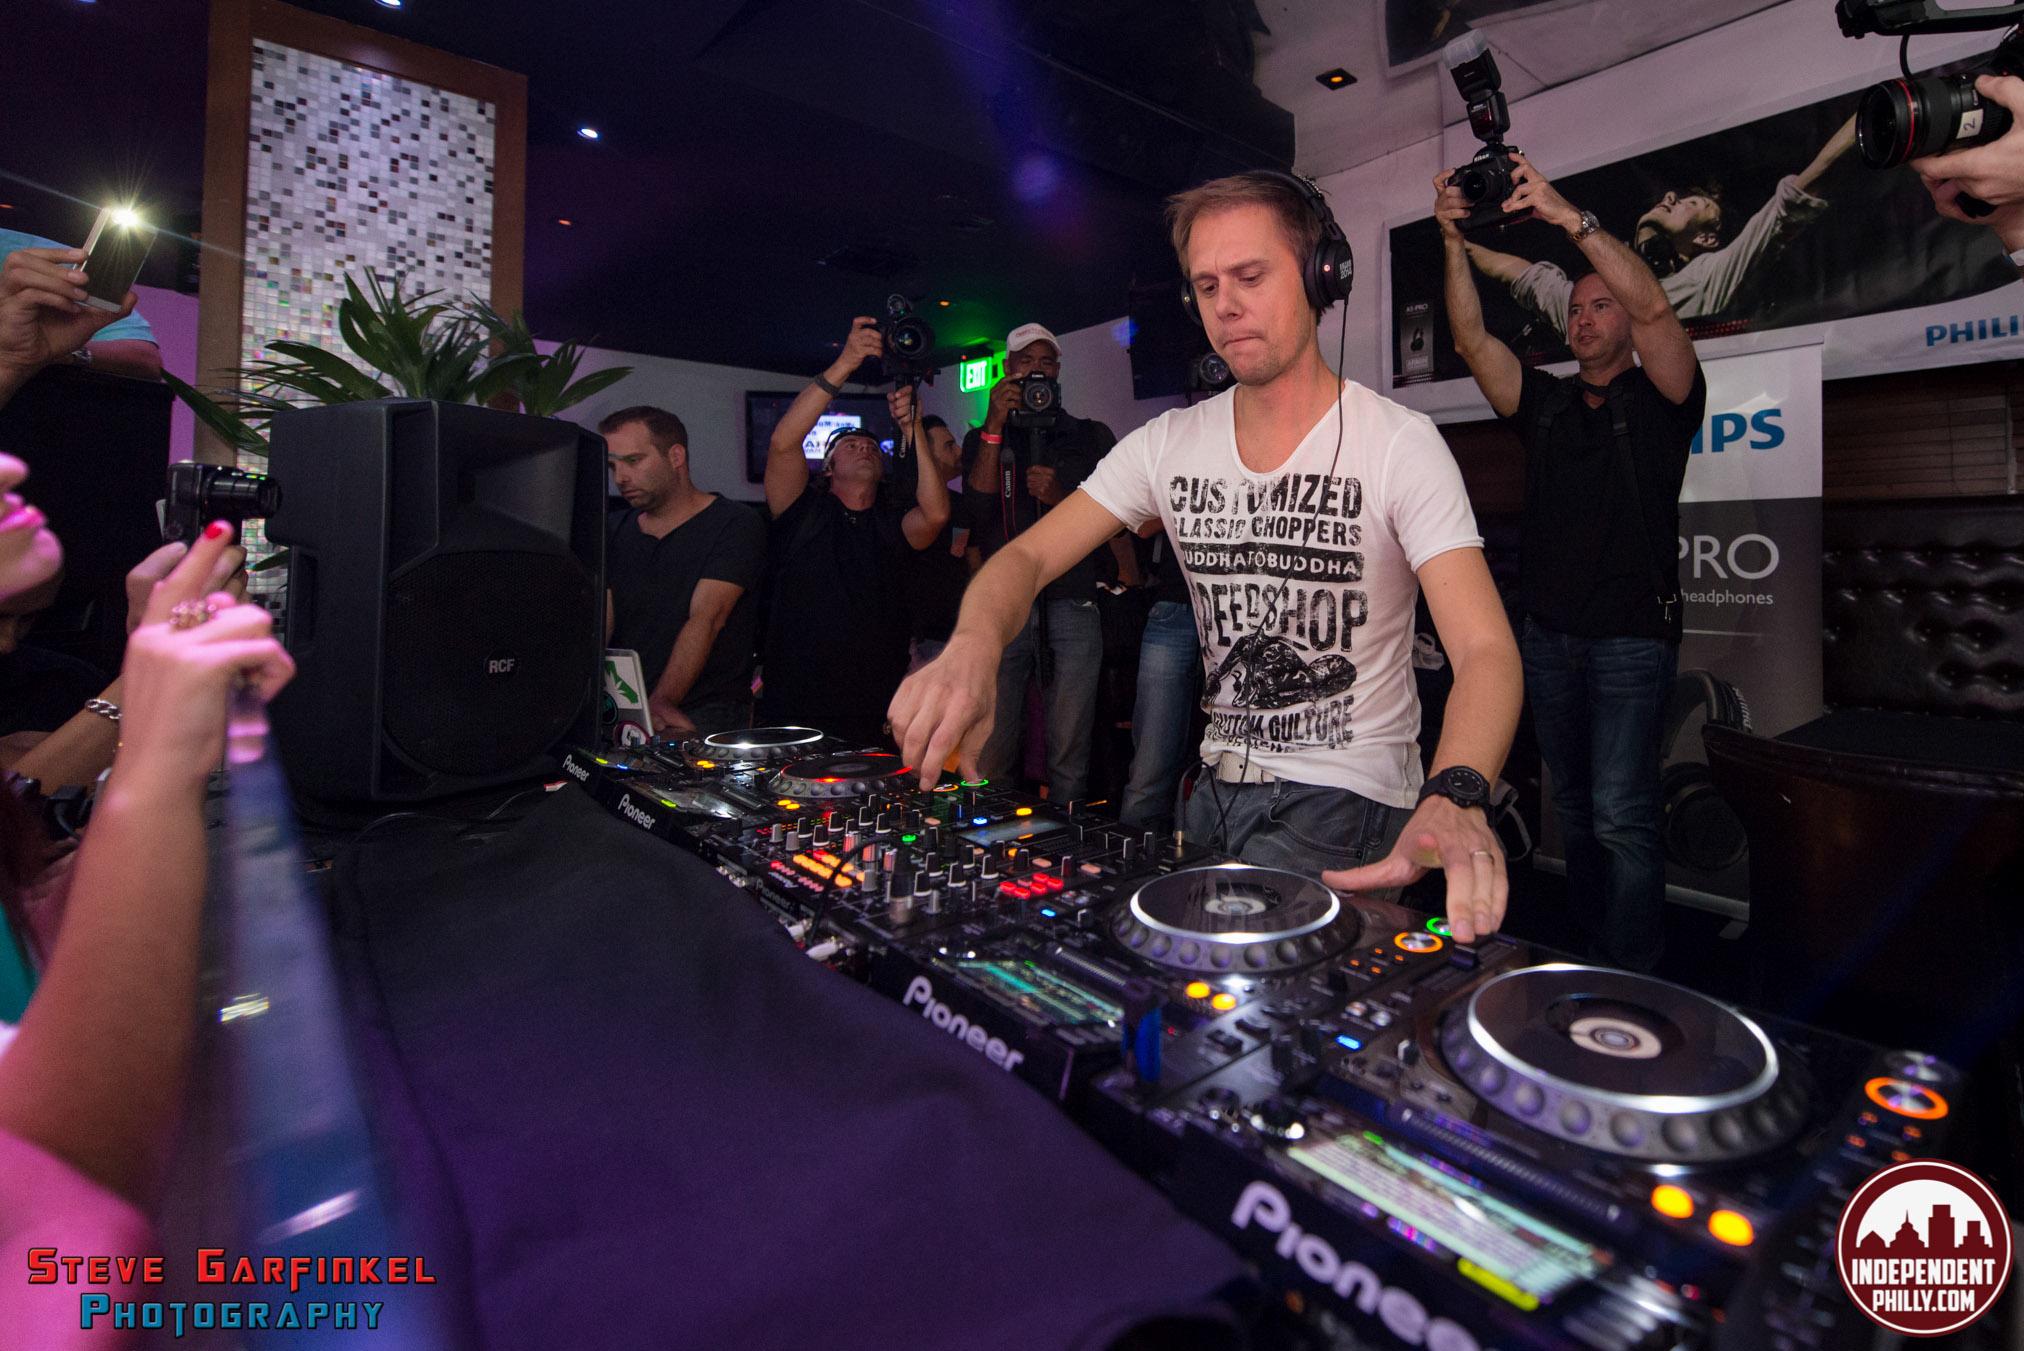 Armin-50